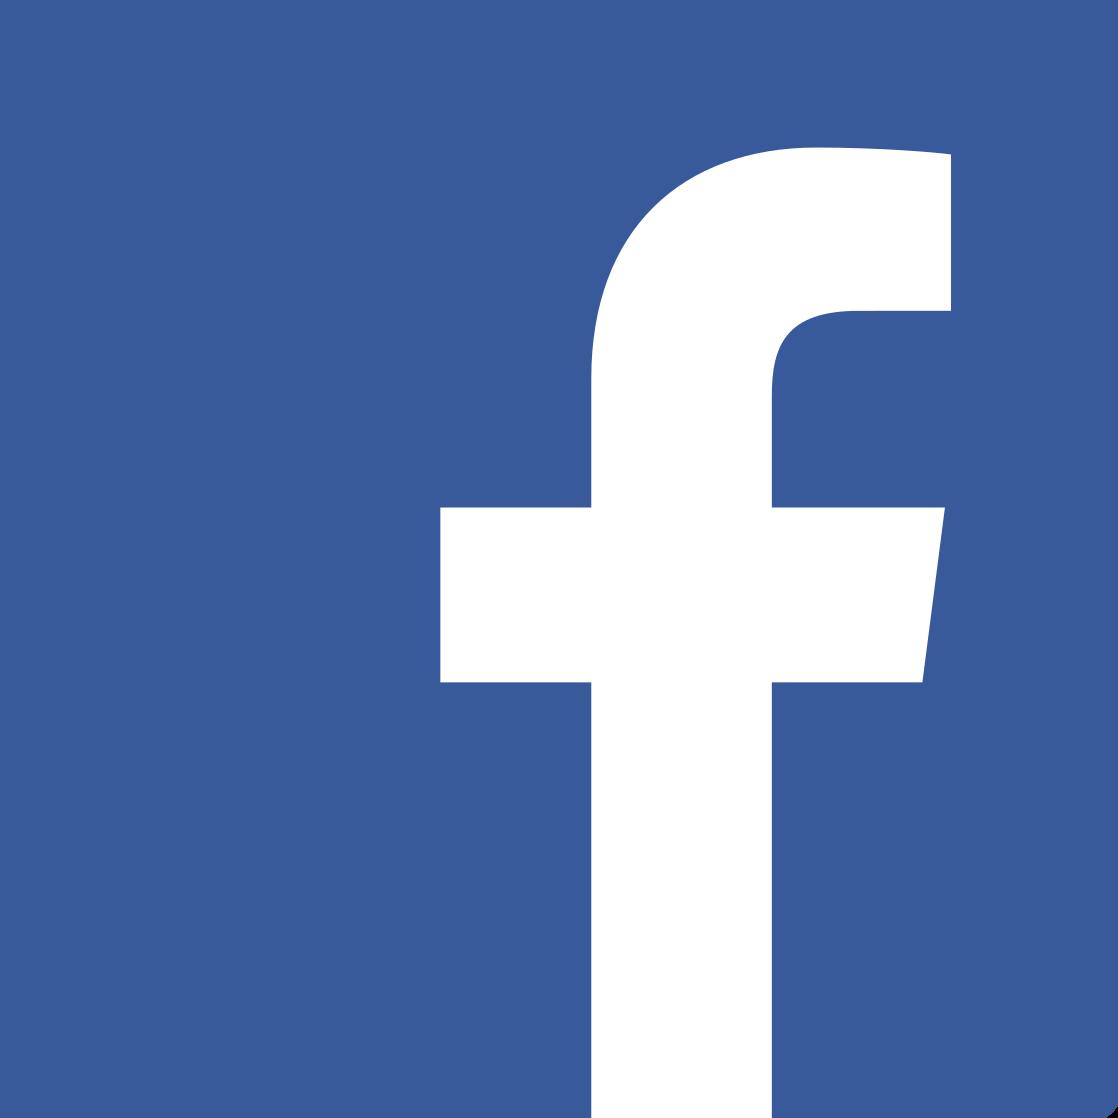 פייסבוק - מתן ניסטור